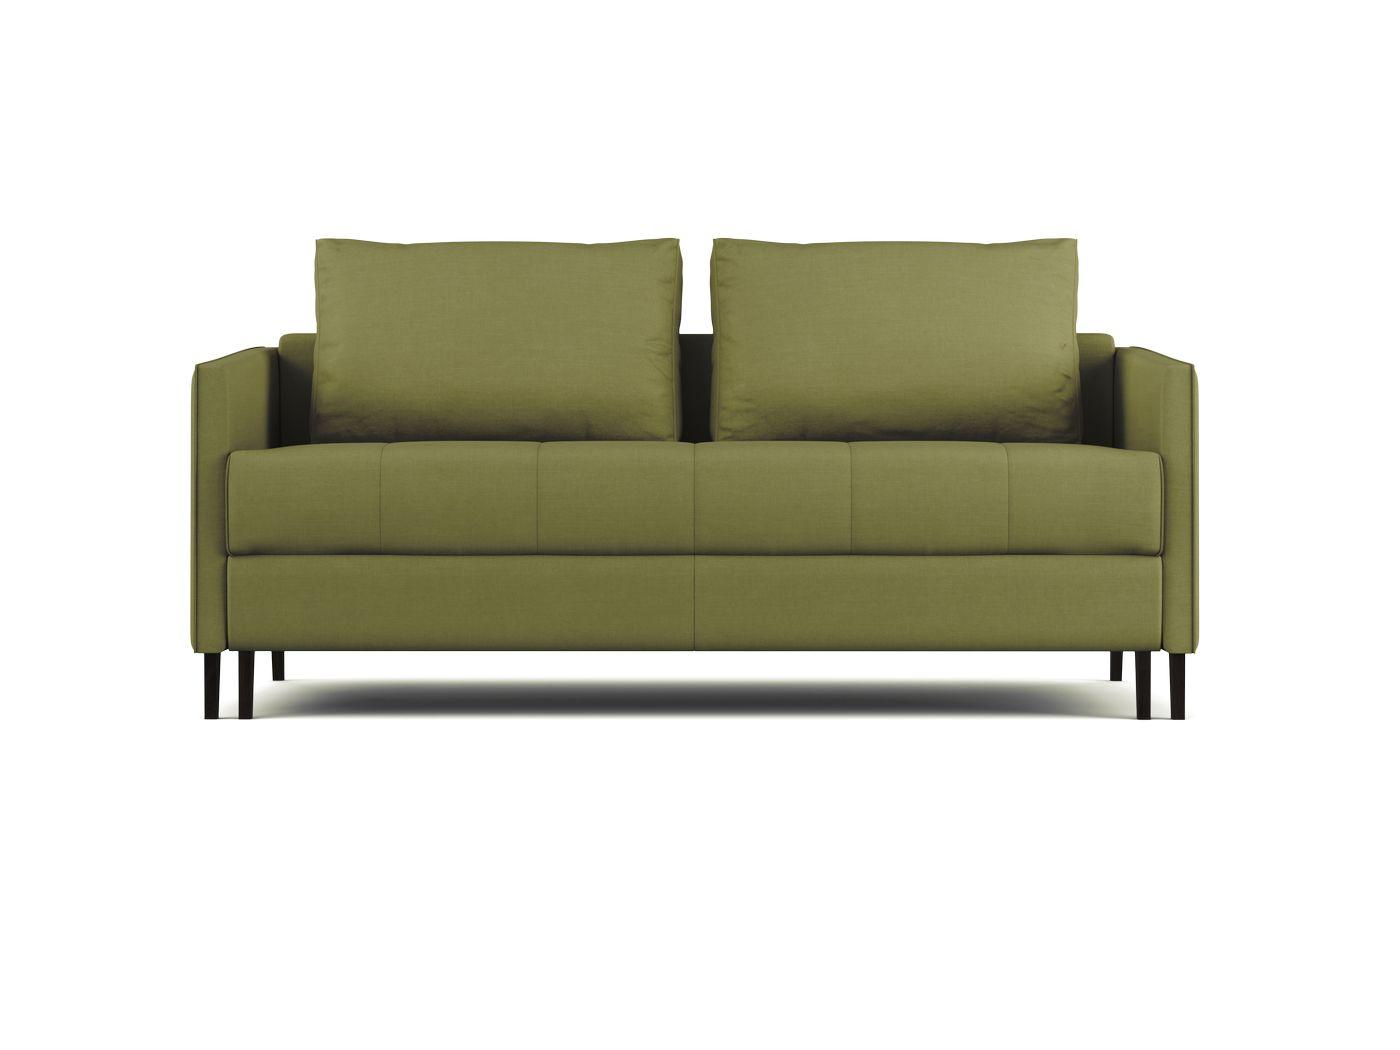 Kare диван-кровать quadro зеленый 143330/7